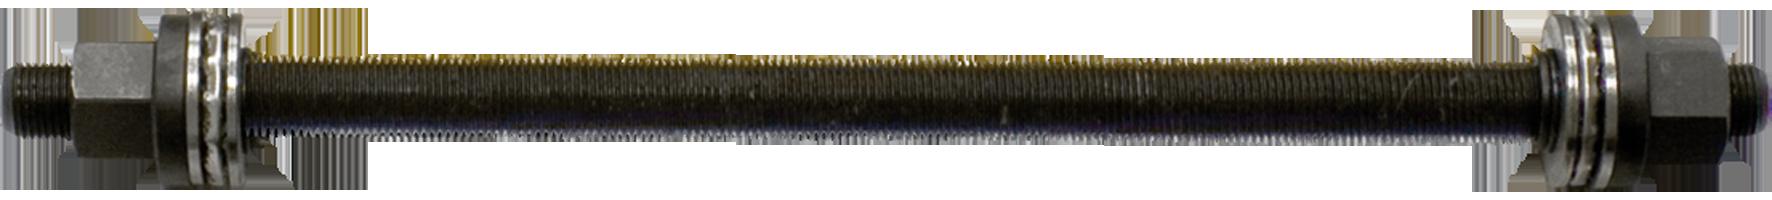 SWSTAHL Spindel Zughülsensatz 10032L-4